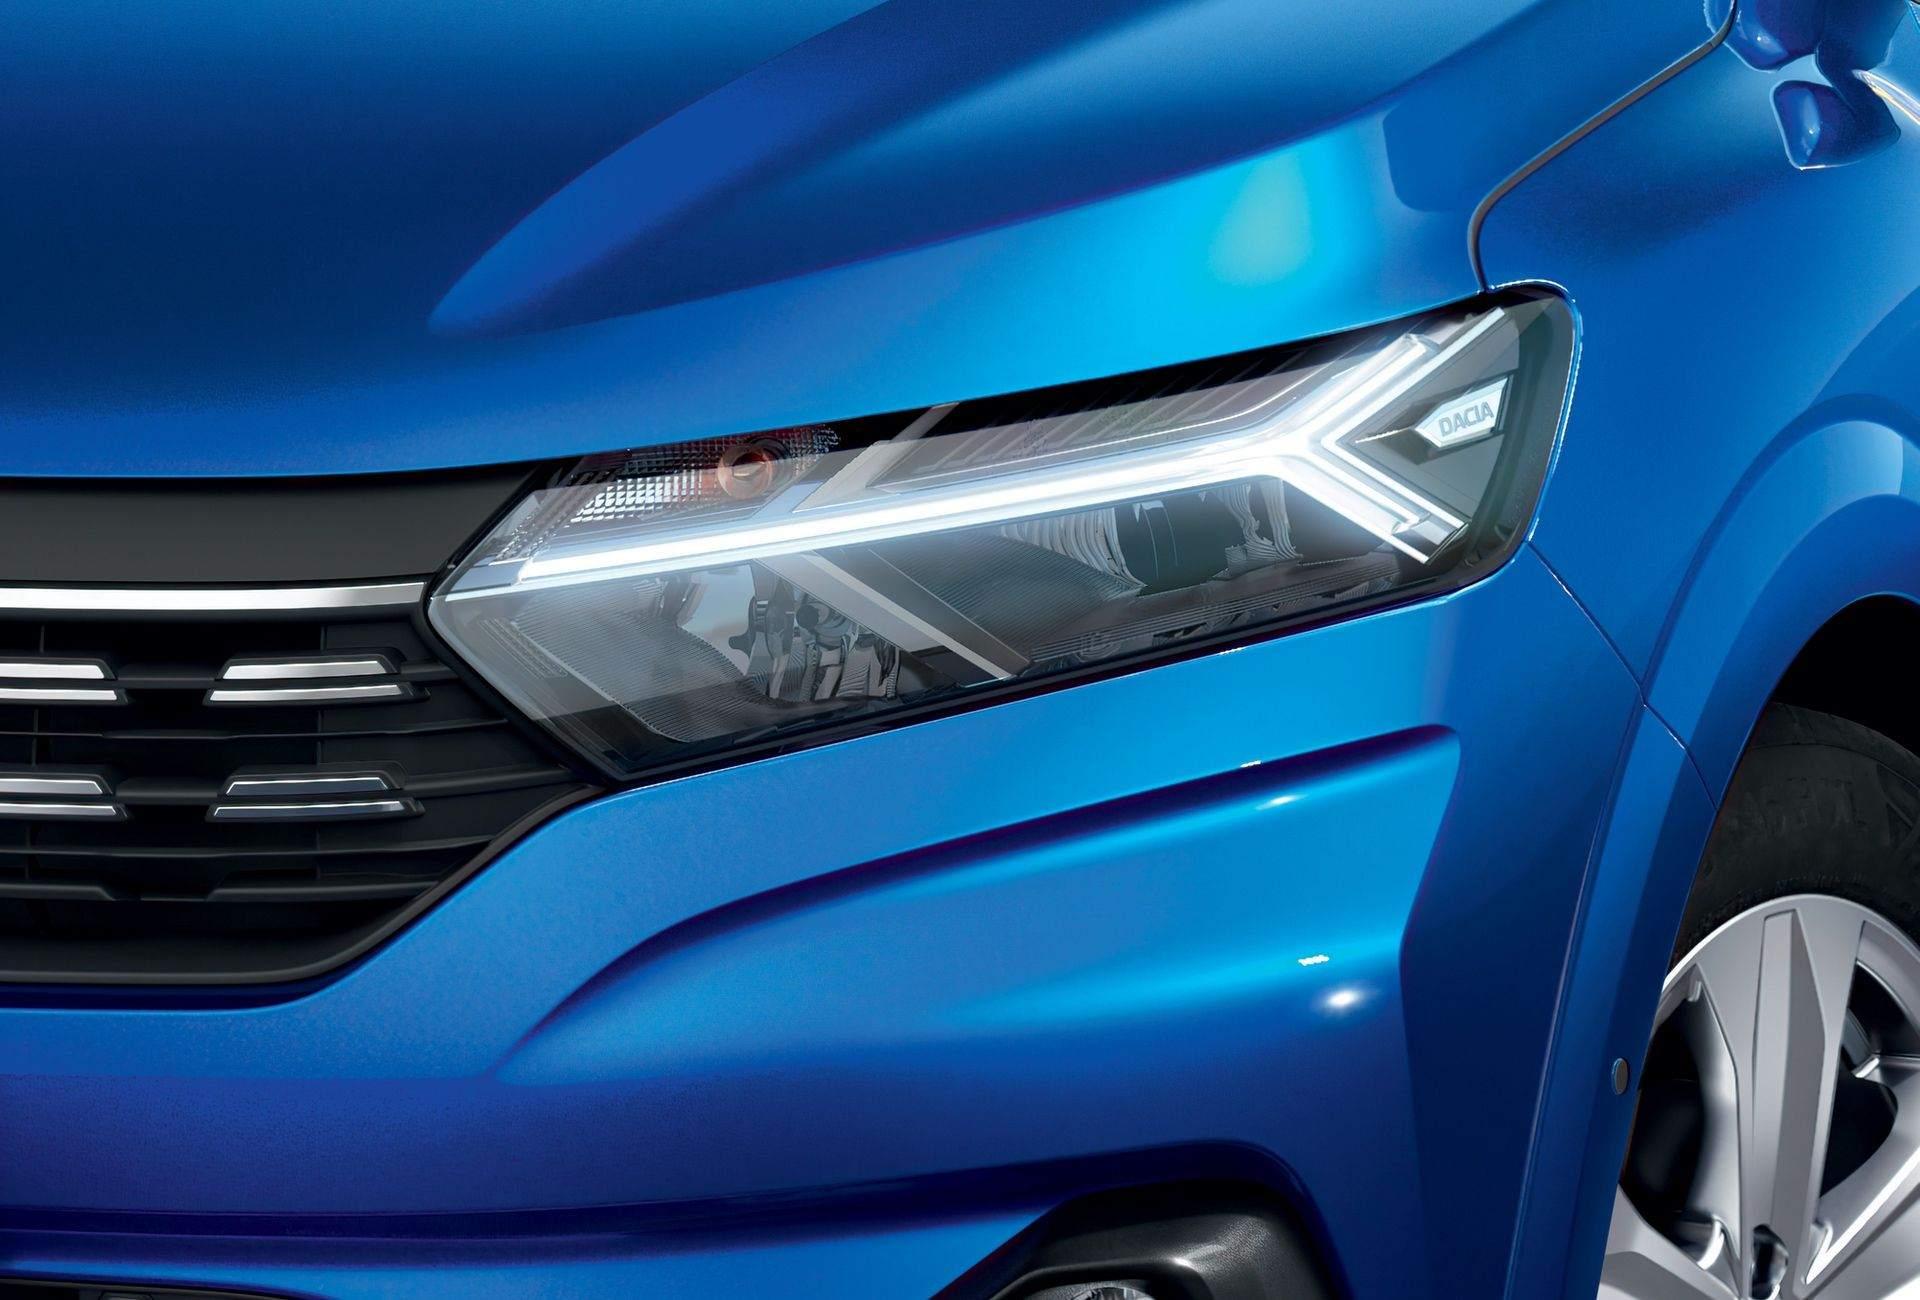 2020_Dacia_Sandero_0010